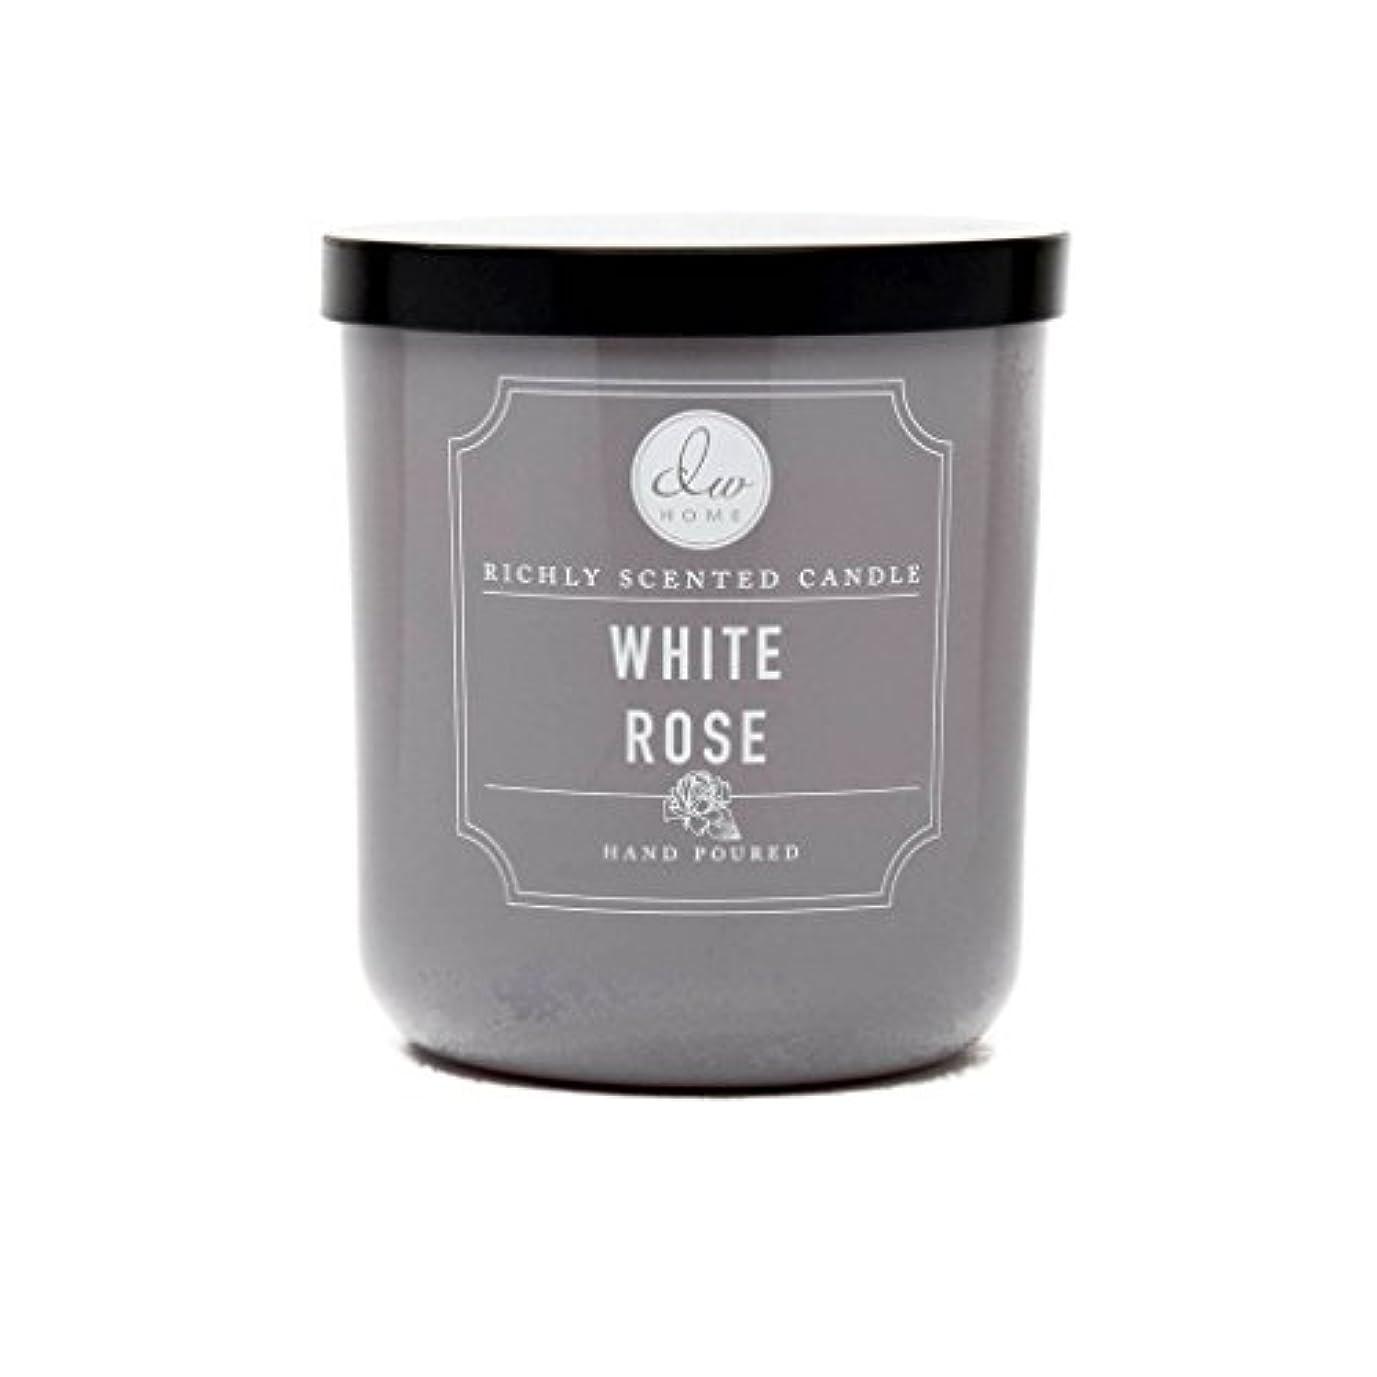 個人的な利用可能運命的なホワイトローズ豊かな香りCandle Small Single Wick Hand PouredからDWホーム4オンス